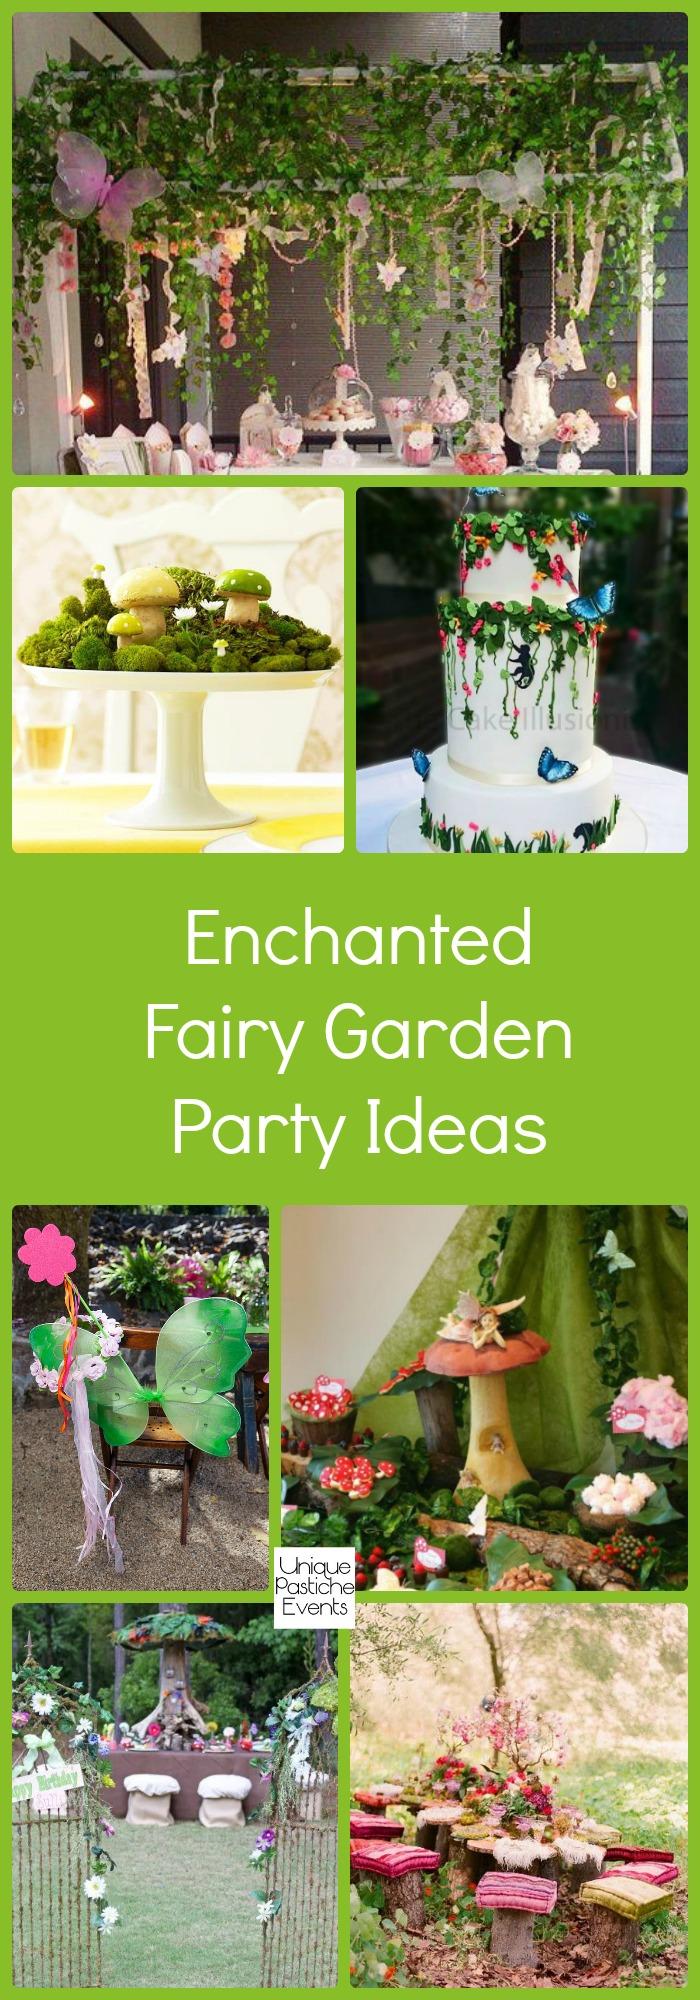 Enchanted Fairy Garden Party Ideas